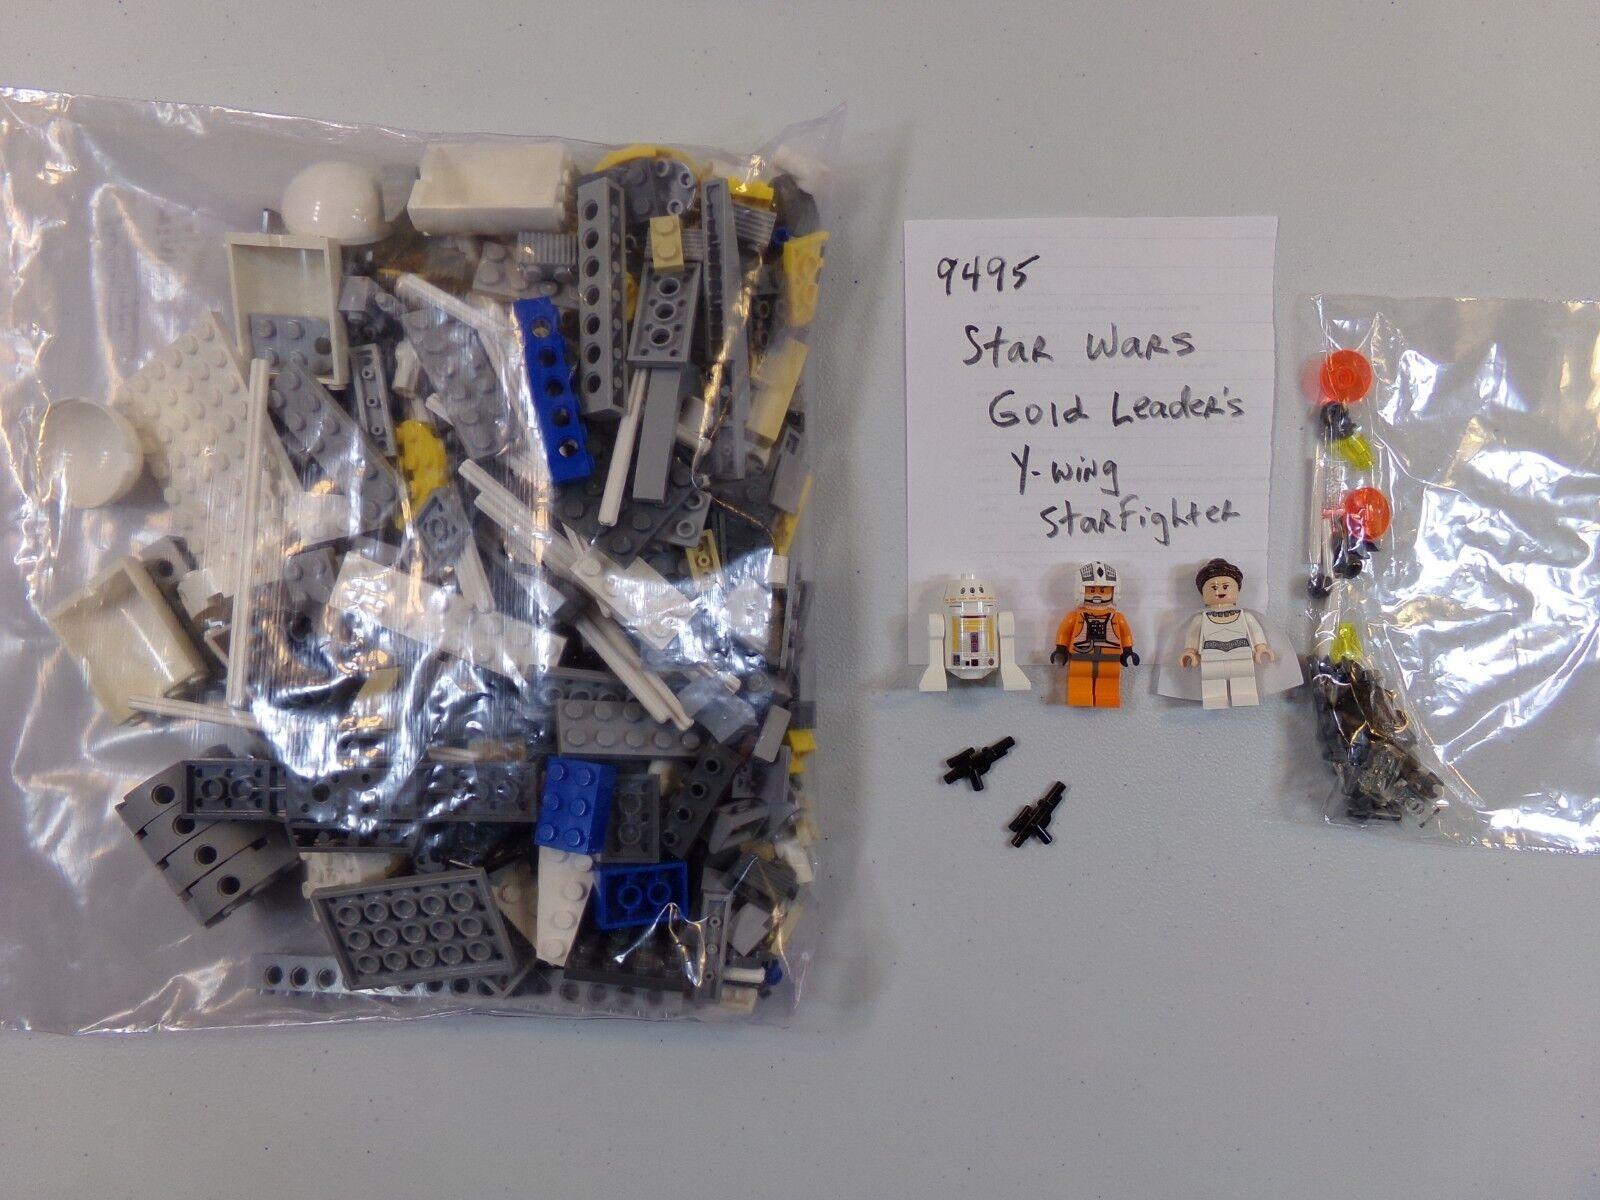 tutto in alta qualità e prezzo basso Lego 9495 Estrella Guerras oro oro oro Leader's Y-Wing Estrellacombatiente - 100% completare  consegna lampo